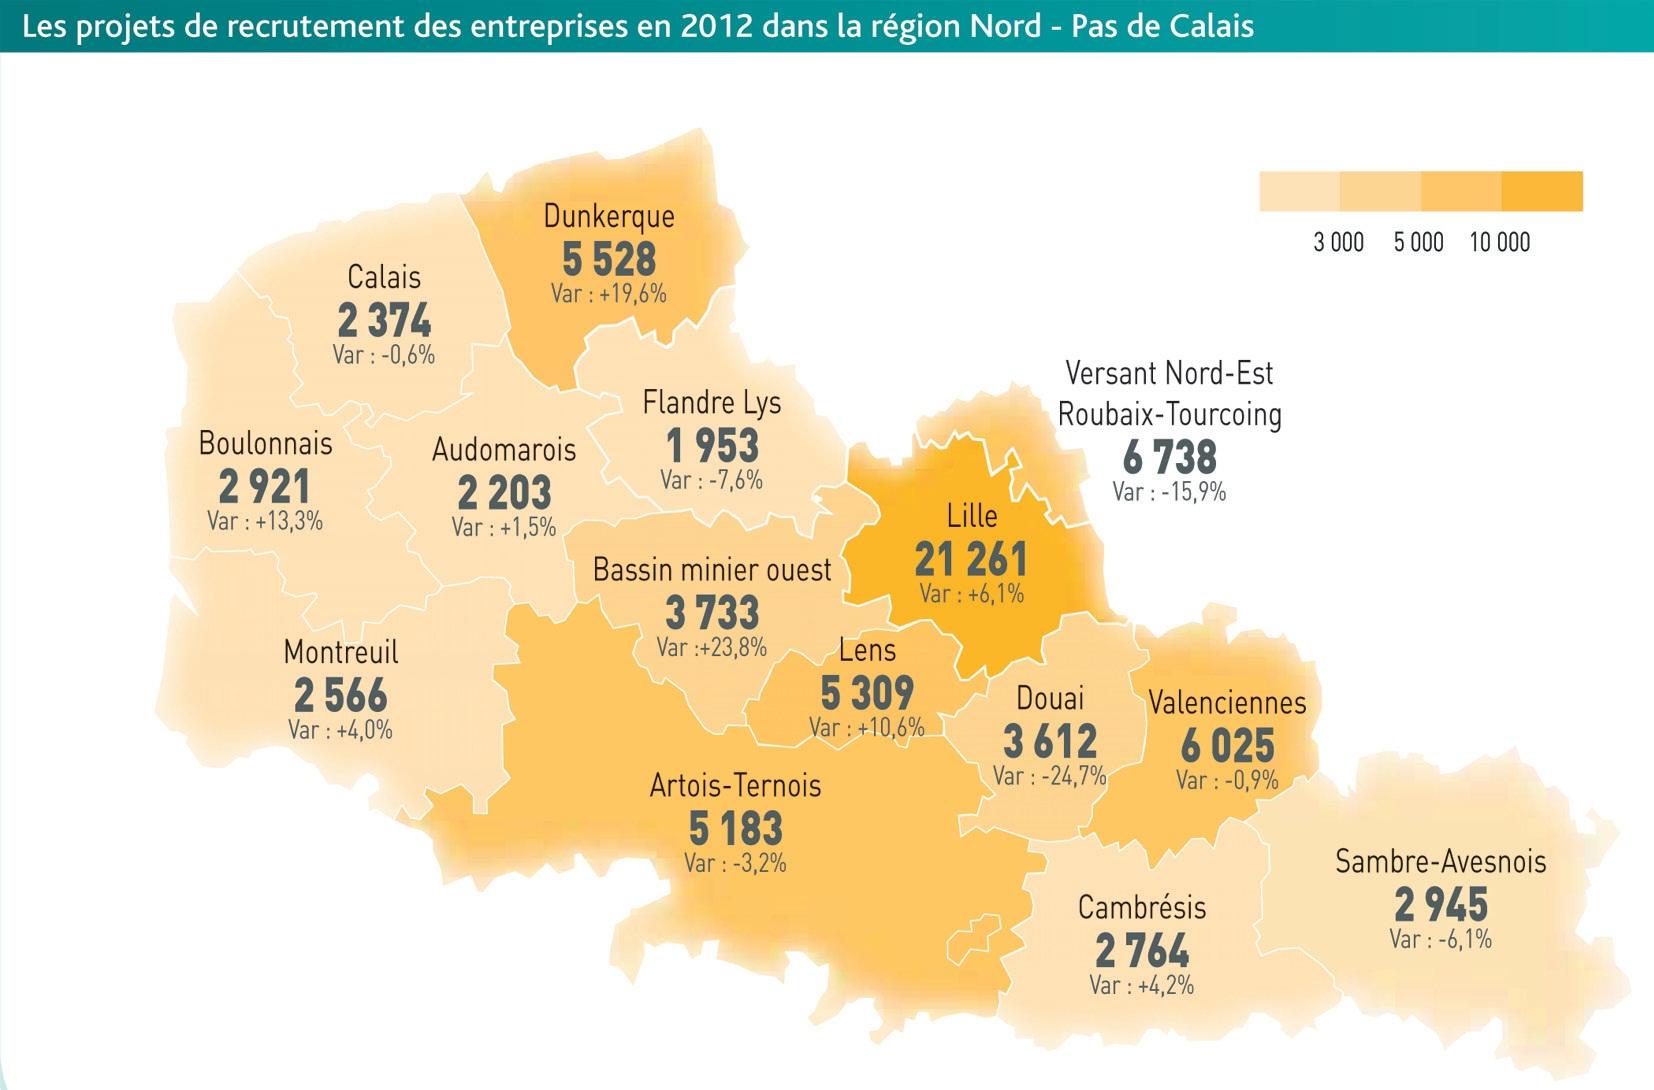 Les projets de recrutement des entreprises en 2012 dans la région Nord-Pas-de-Calais.